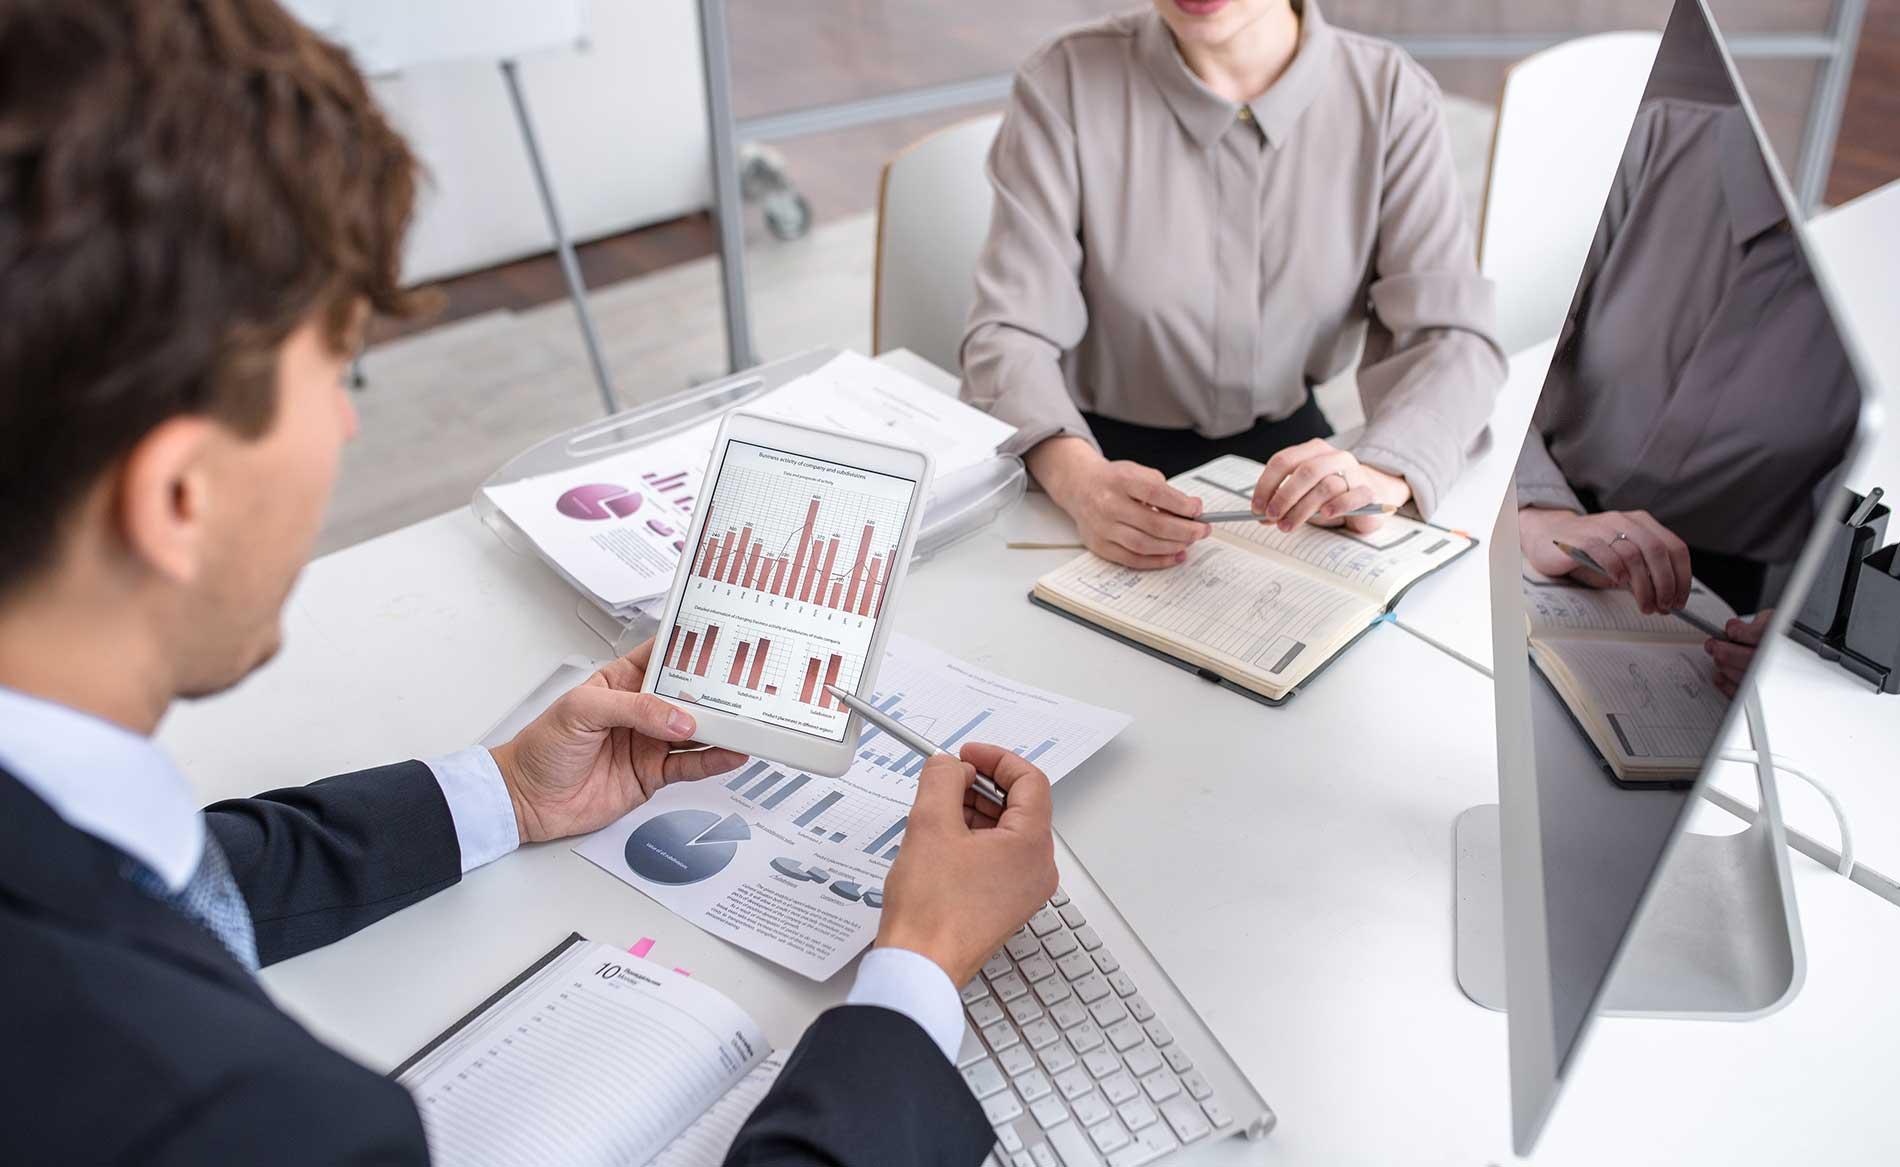 Curso MIFID Online de Información Financiera Gratis